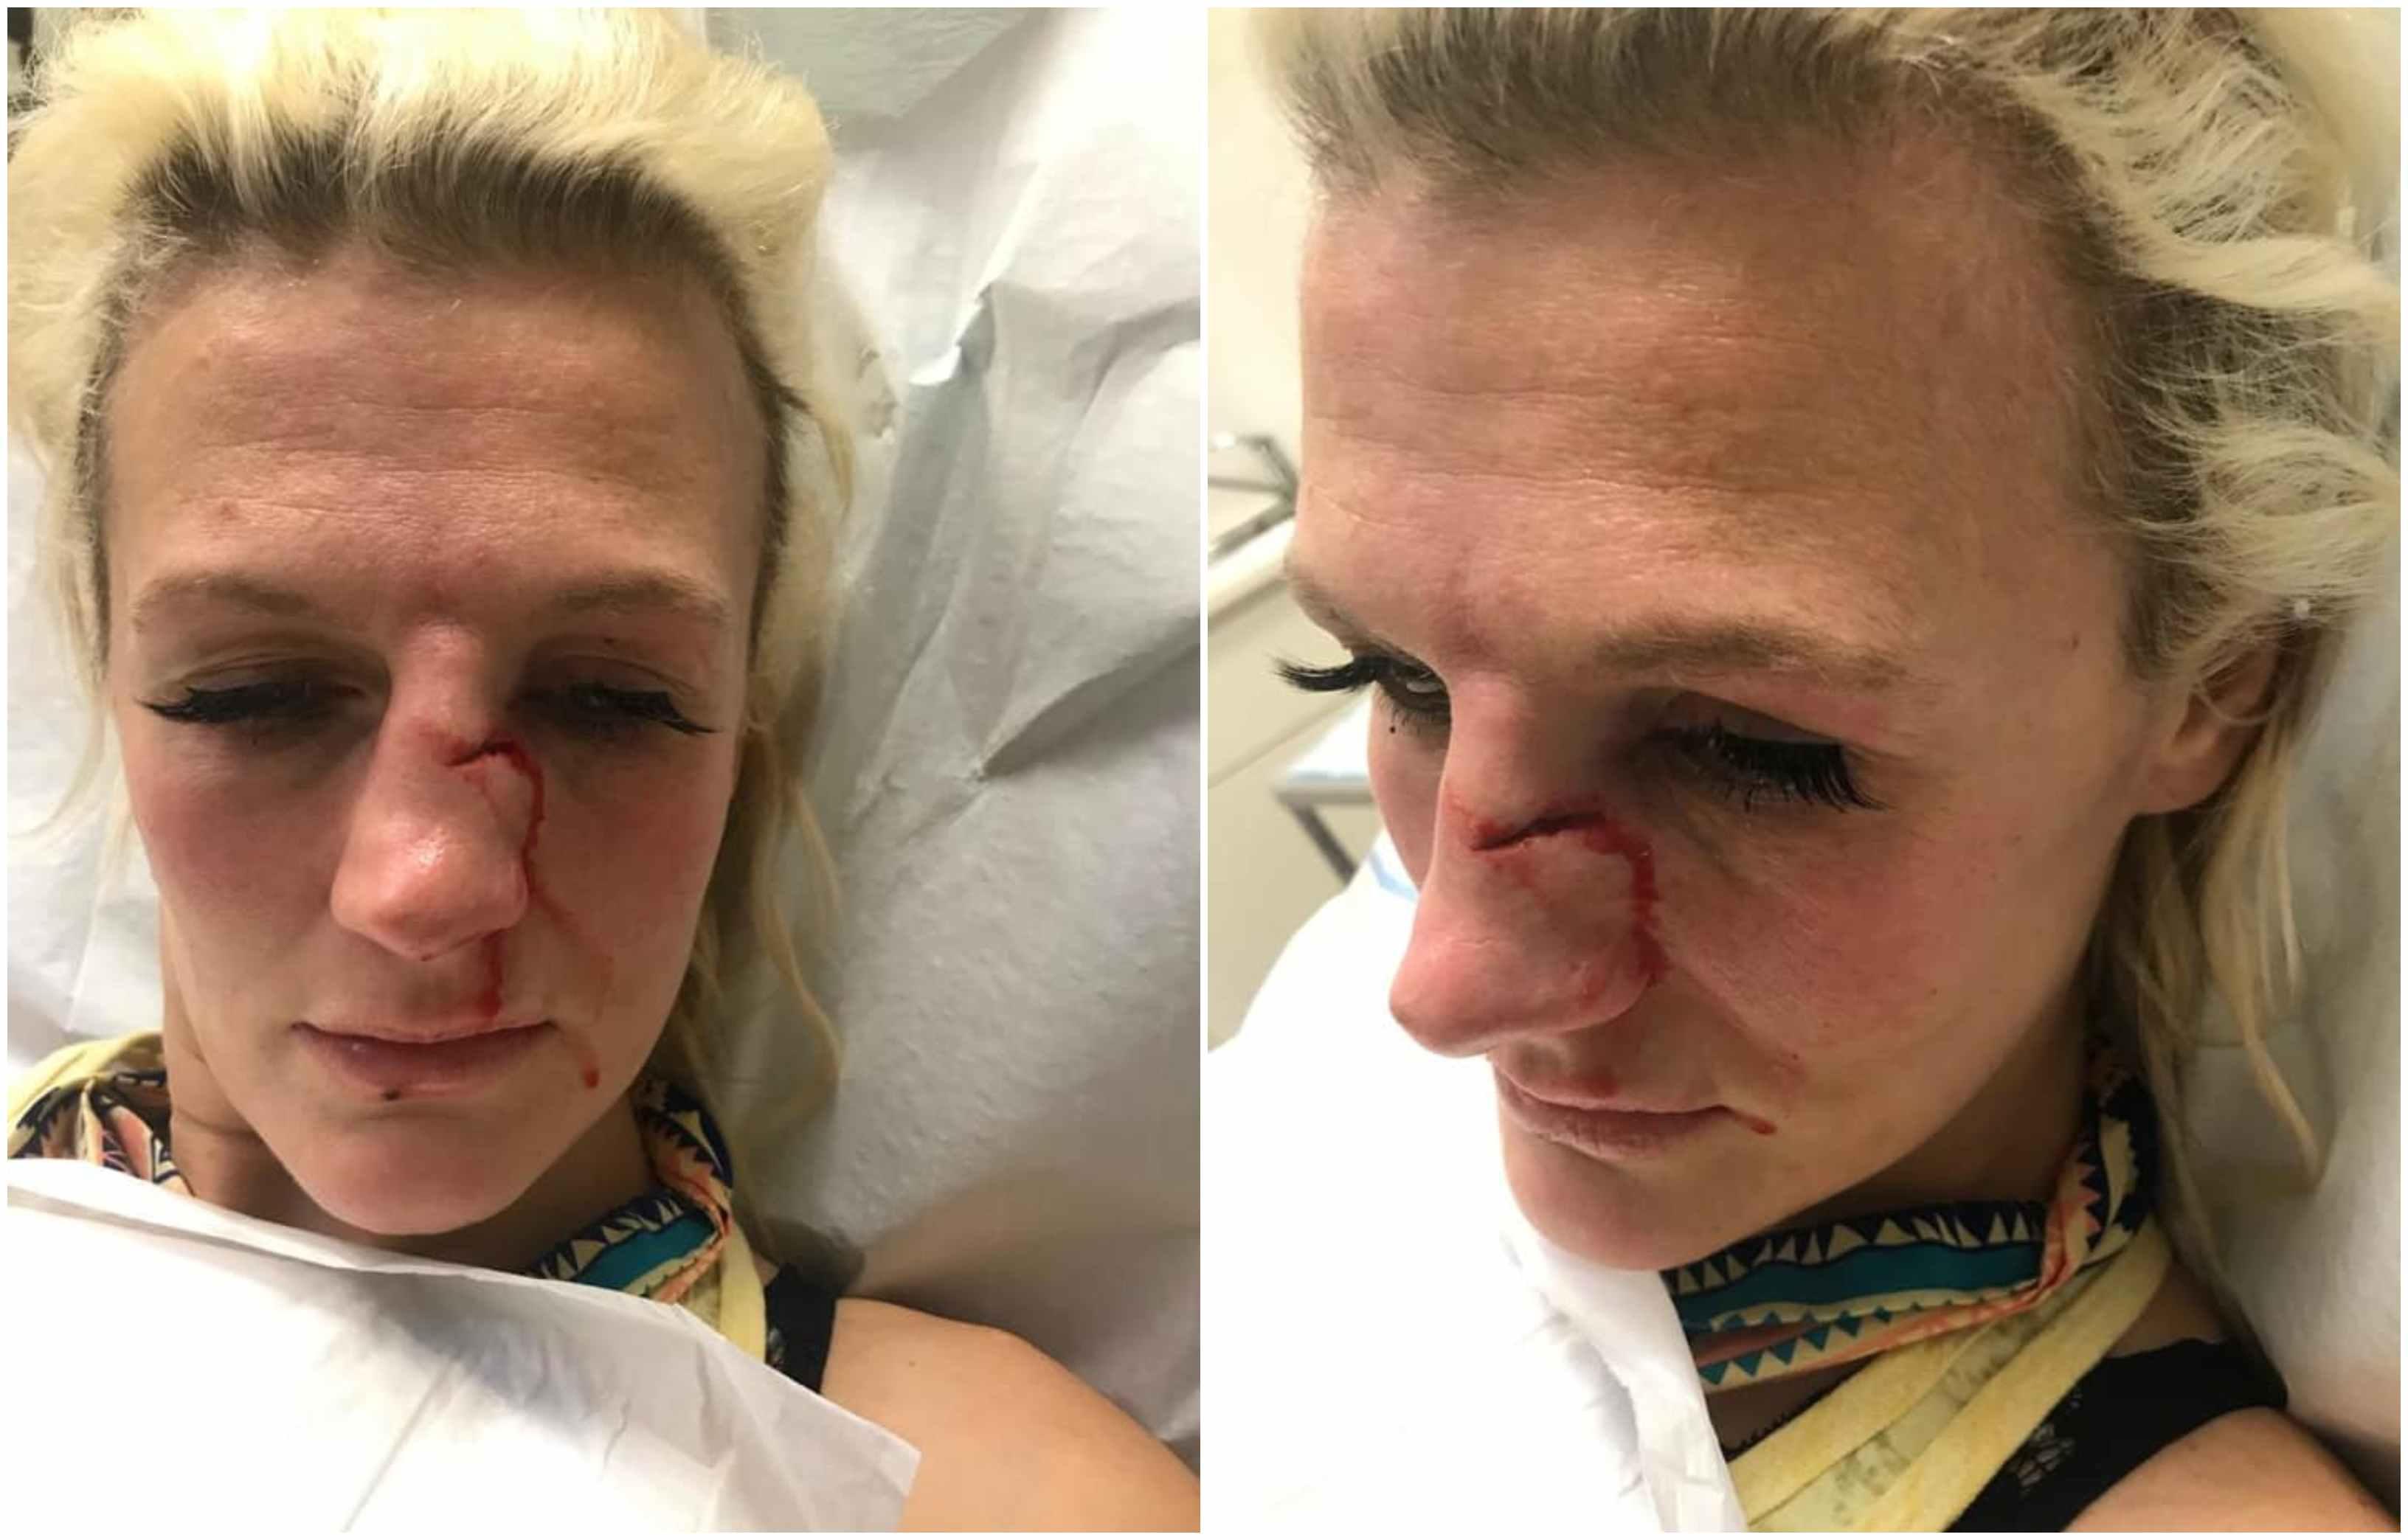 Former UFC women's bantamweight Cindy Dandois brutally beaten by ex-boyfriend - Cindy